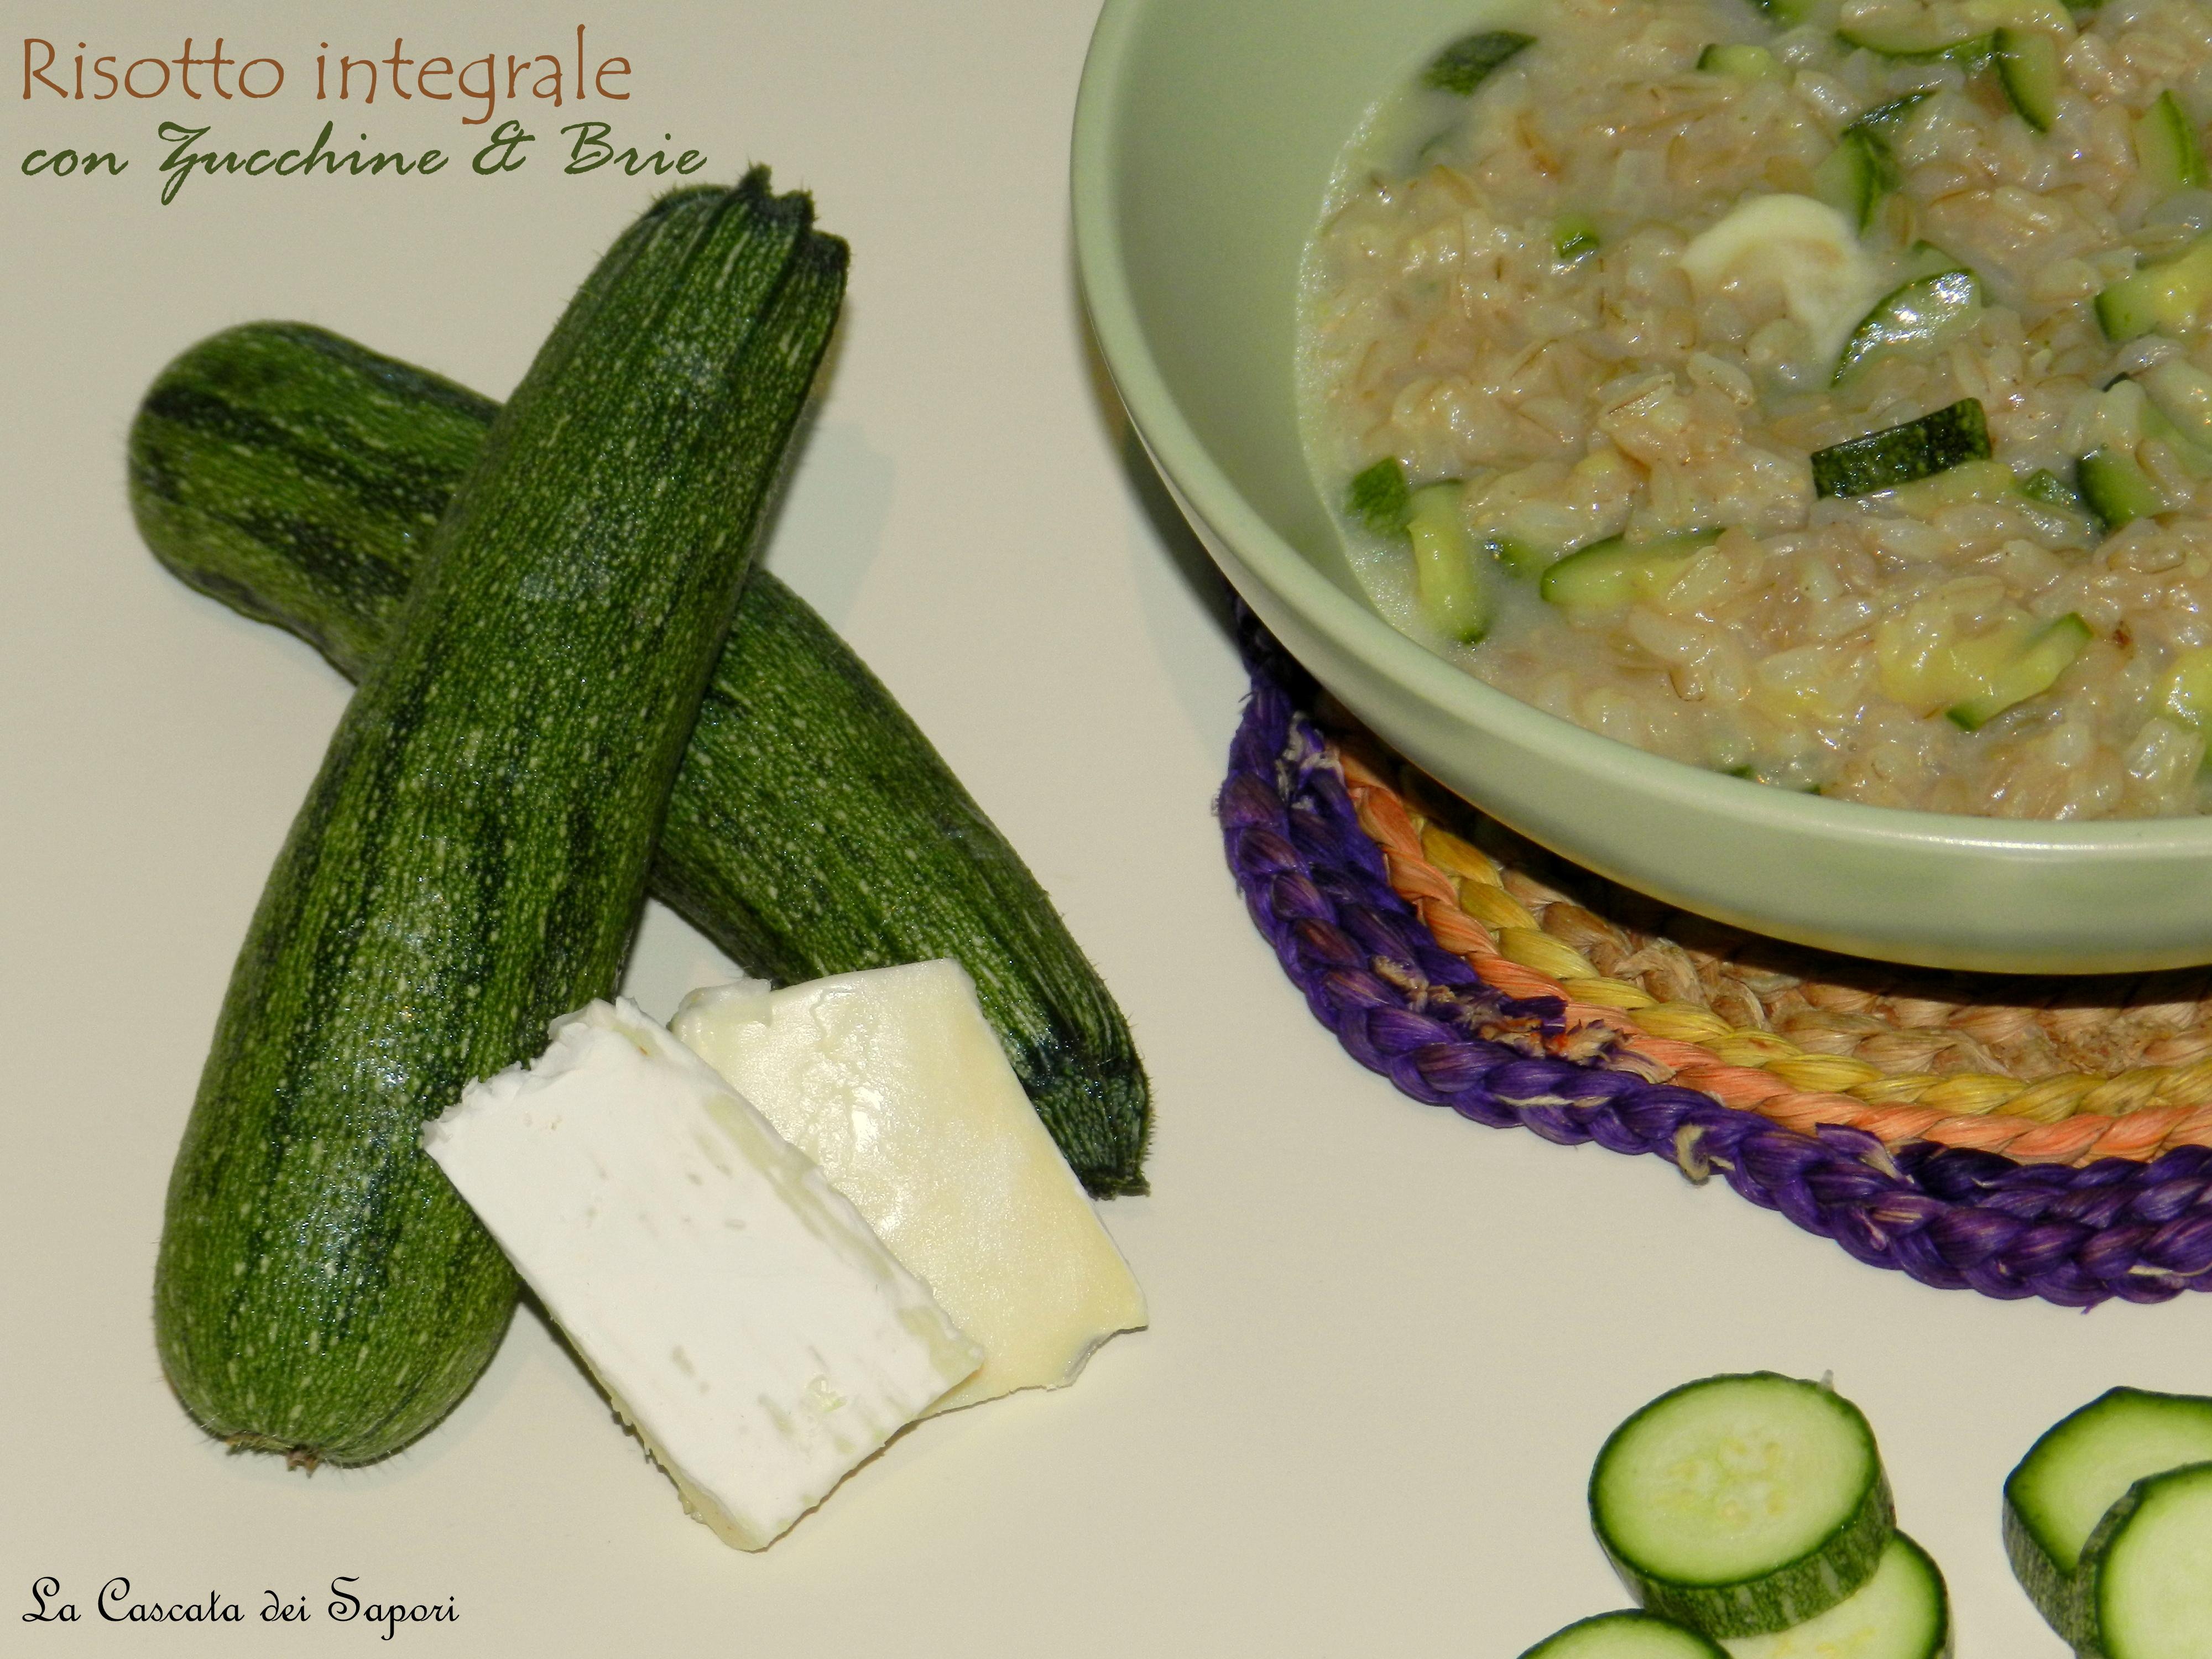 Risotto integrale con Zucchine & Brie